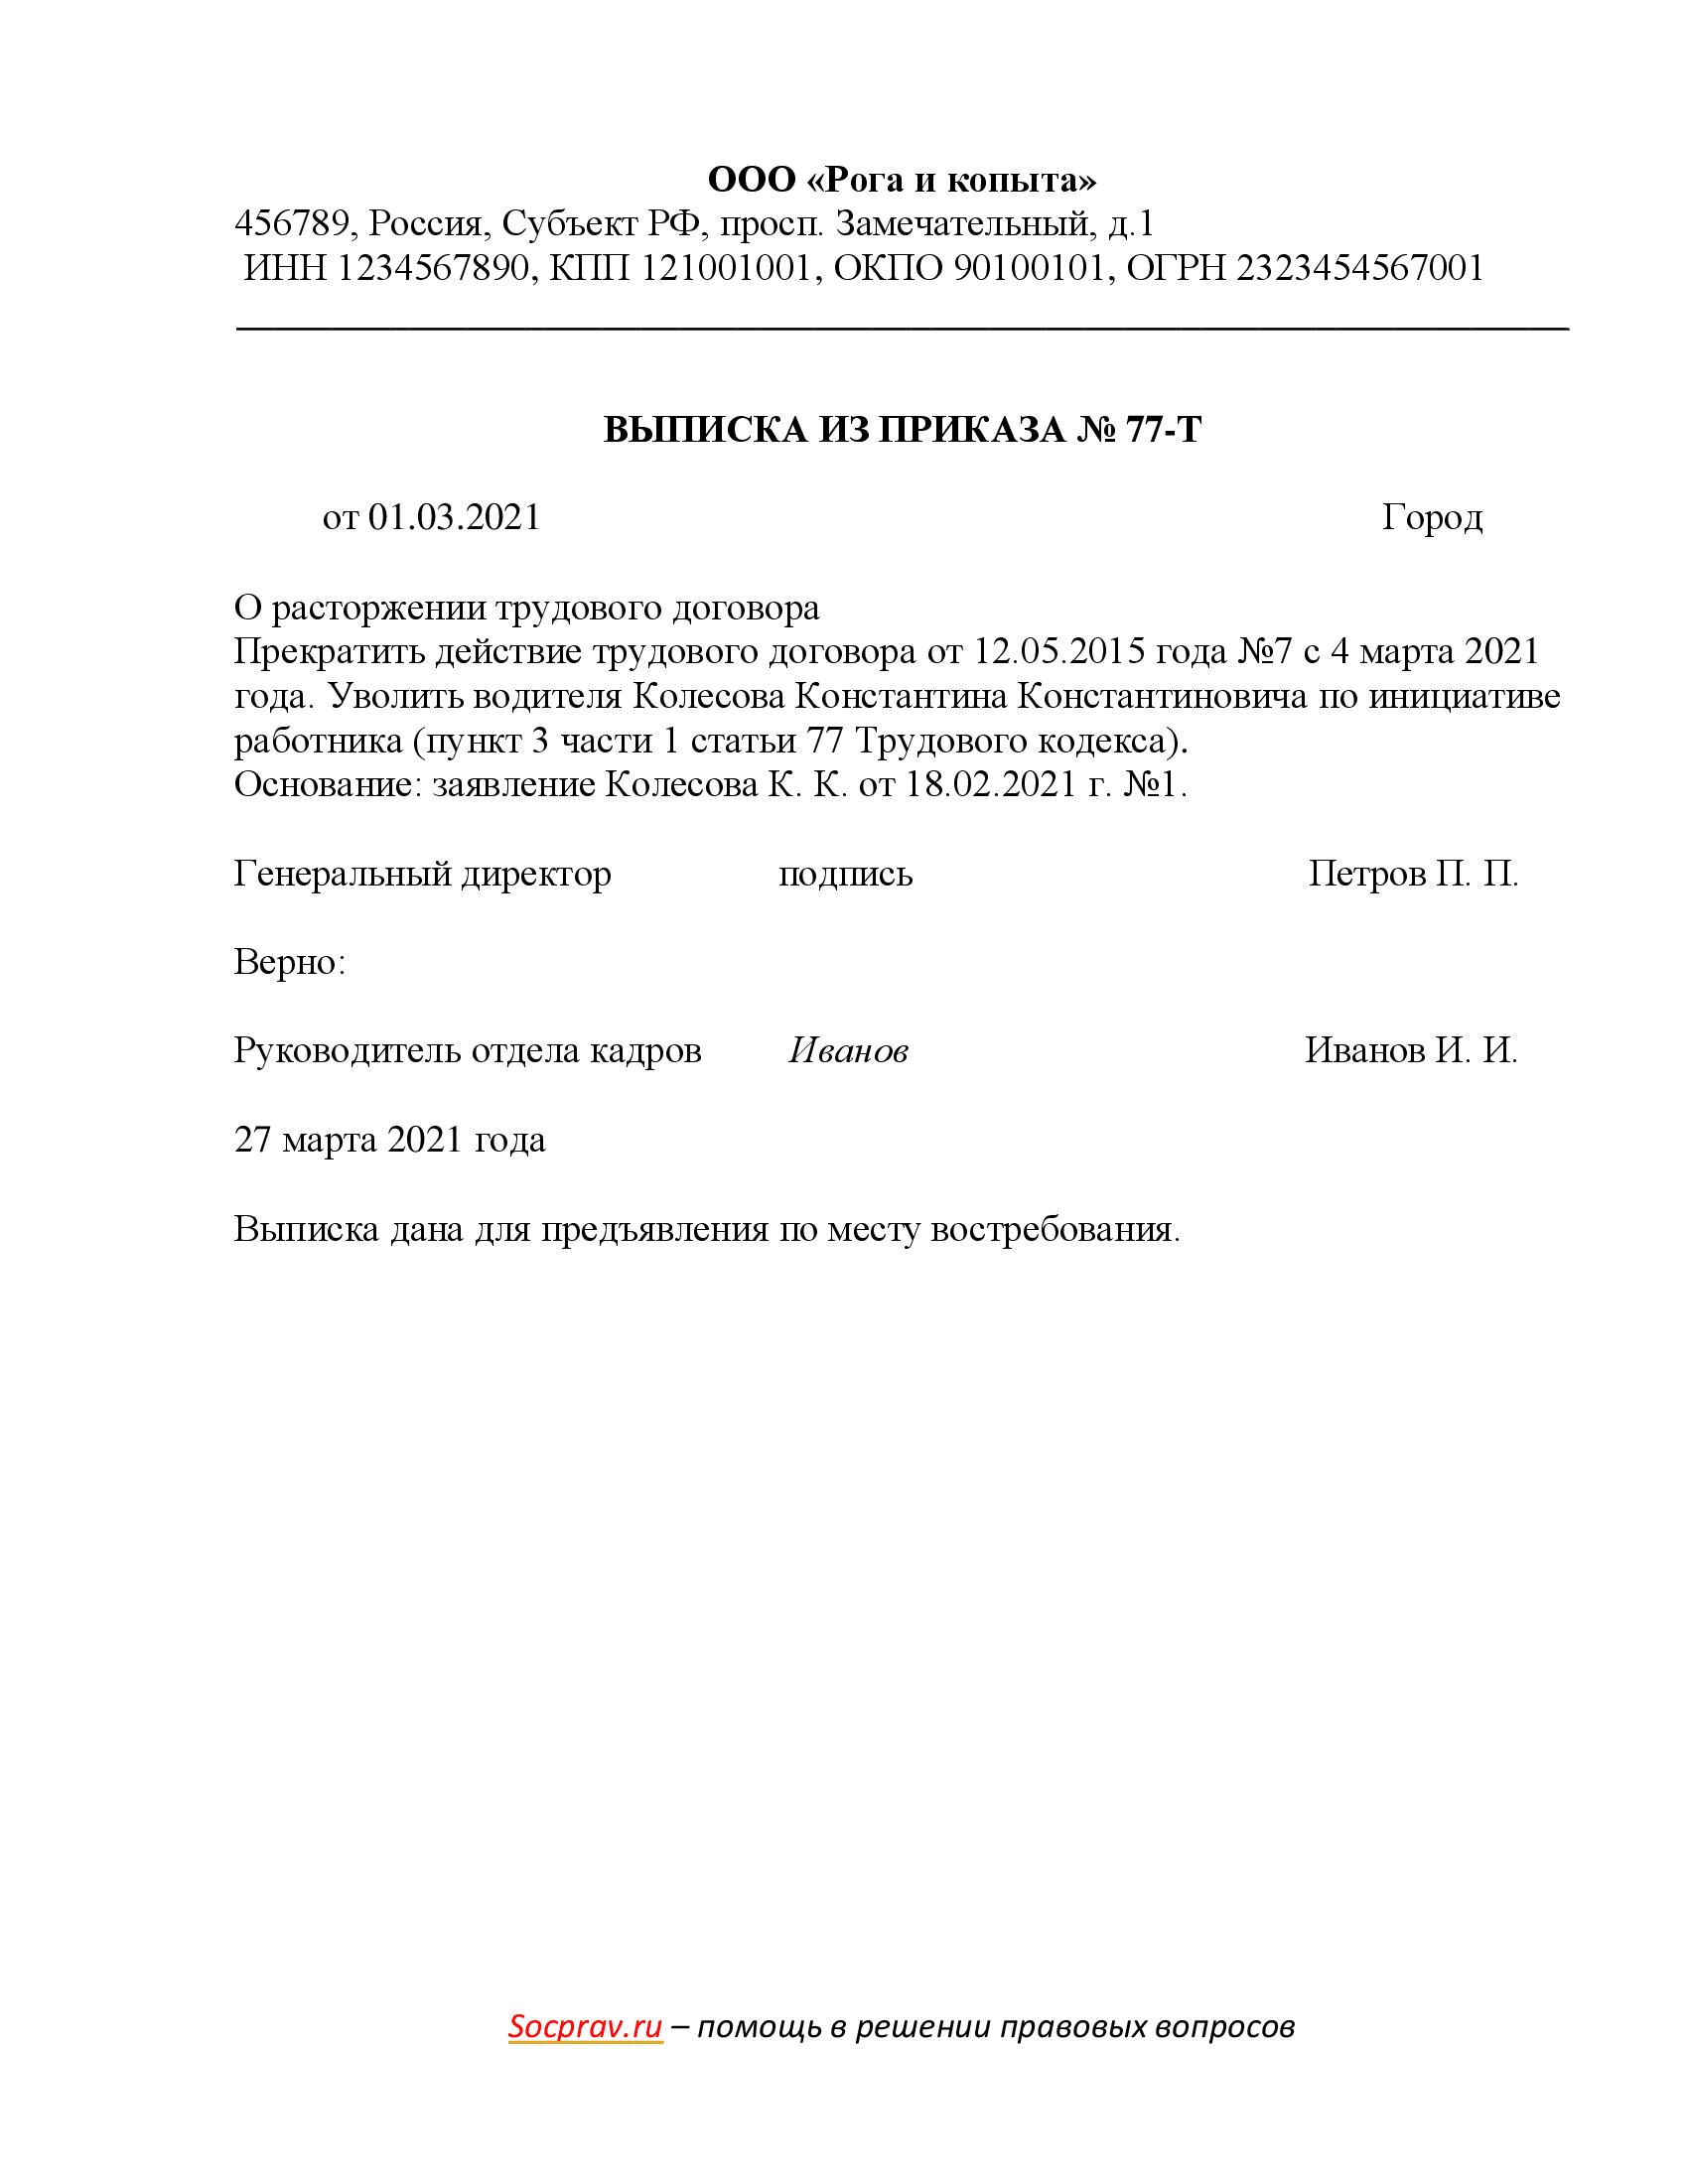 Выписка из приказа об увольнении